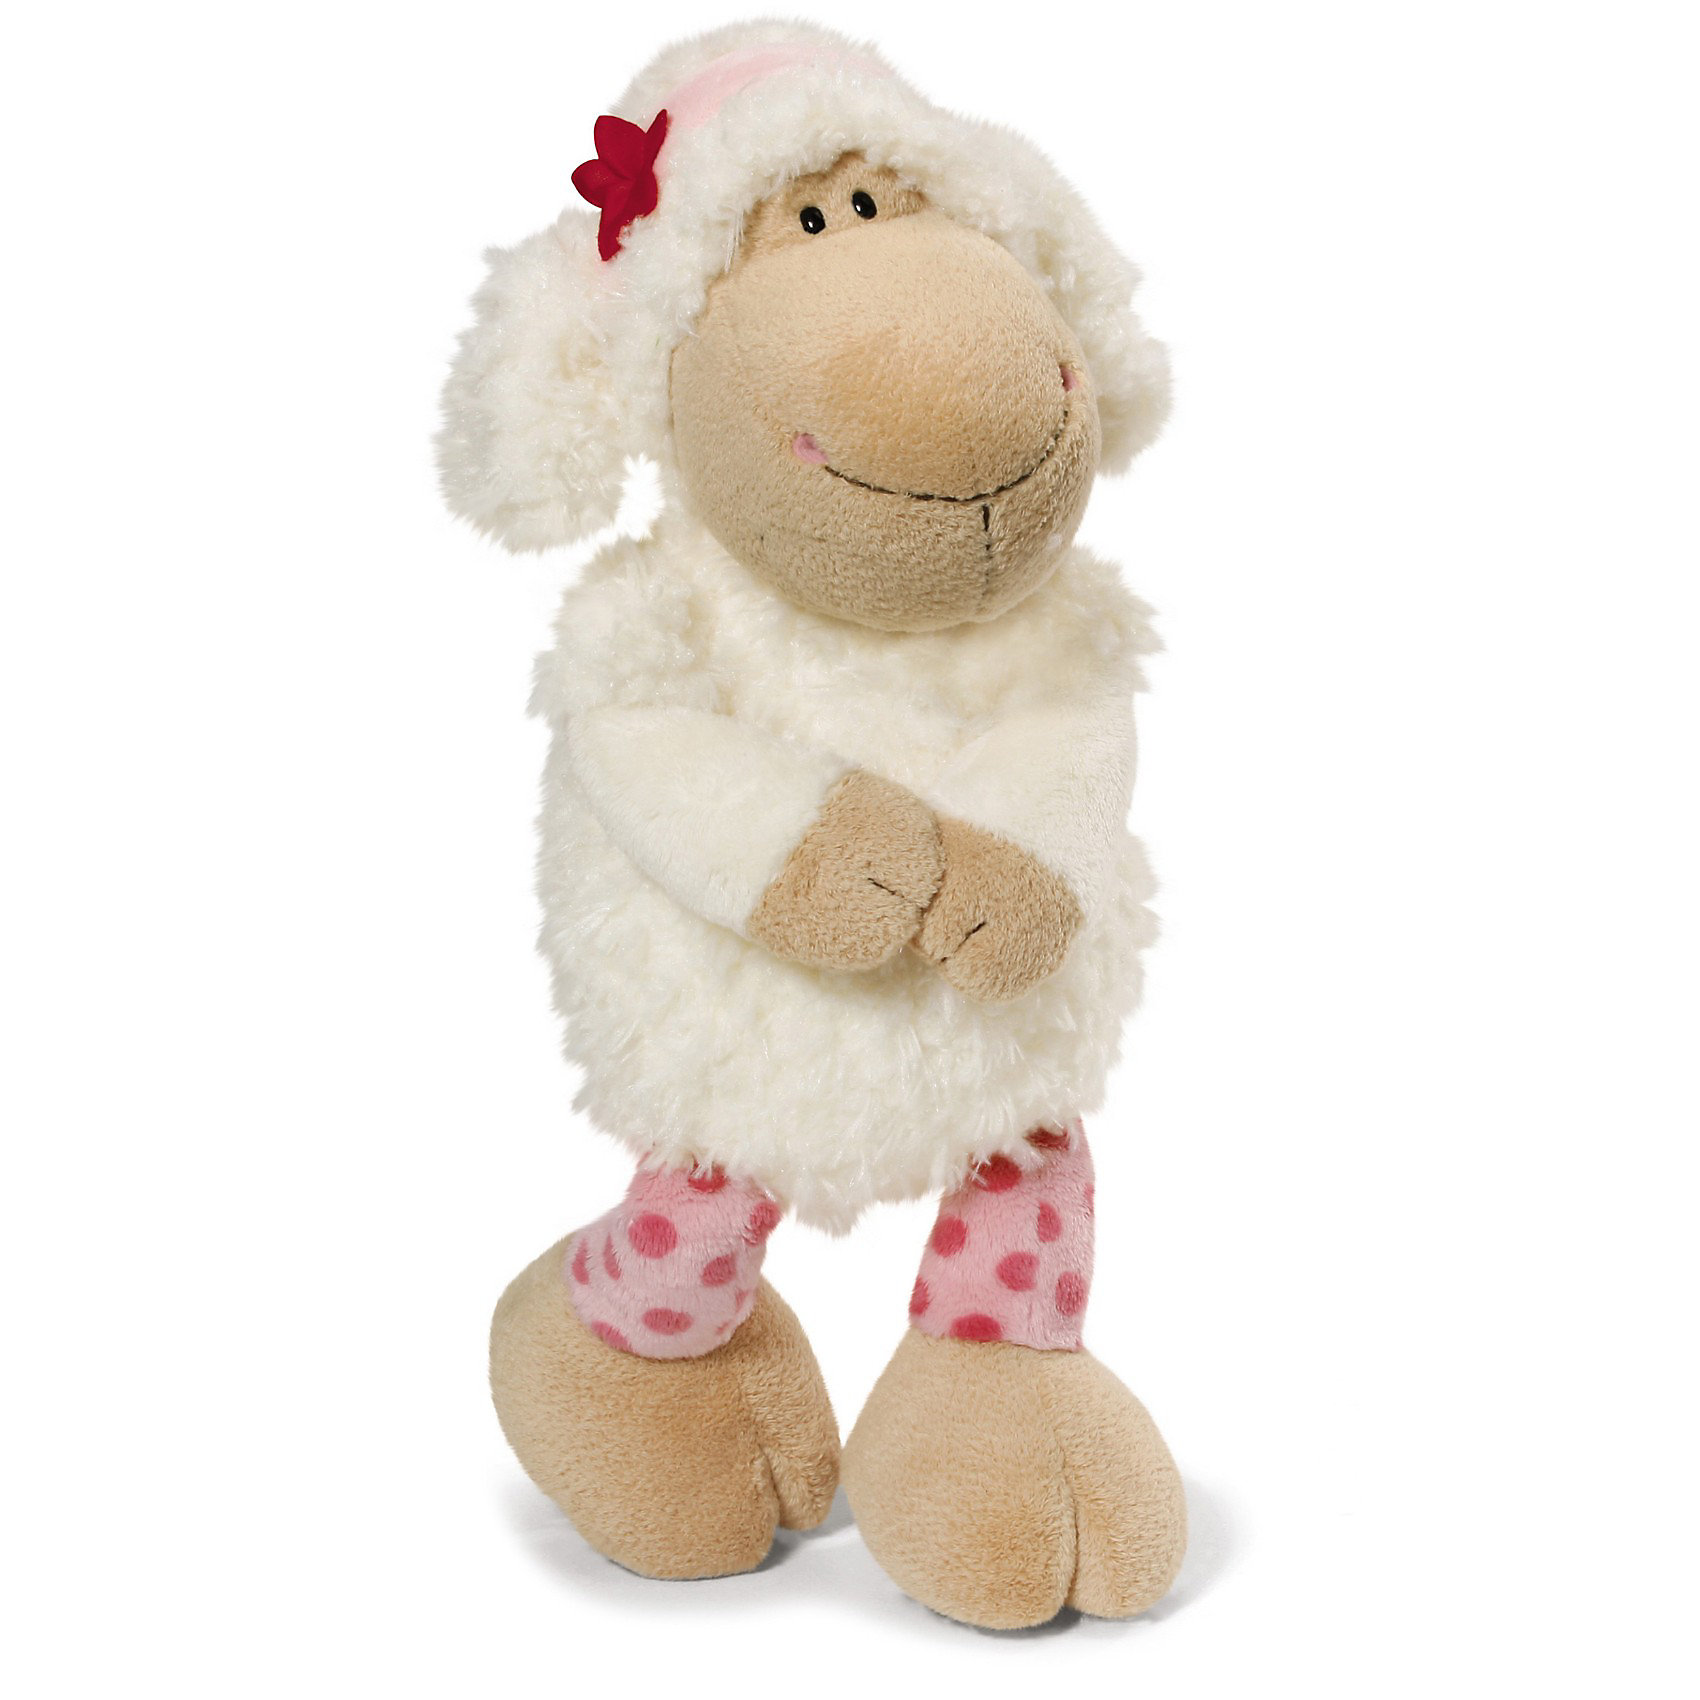 NICI Овечка Сью сидячая, 25 см., NICI nici мягкая игрушка овечка френсис сидячая